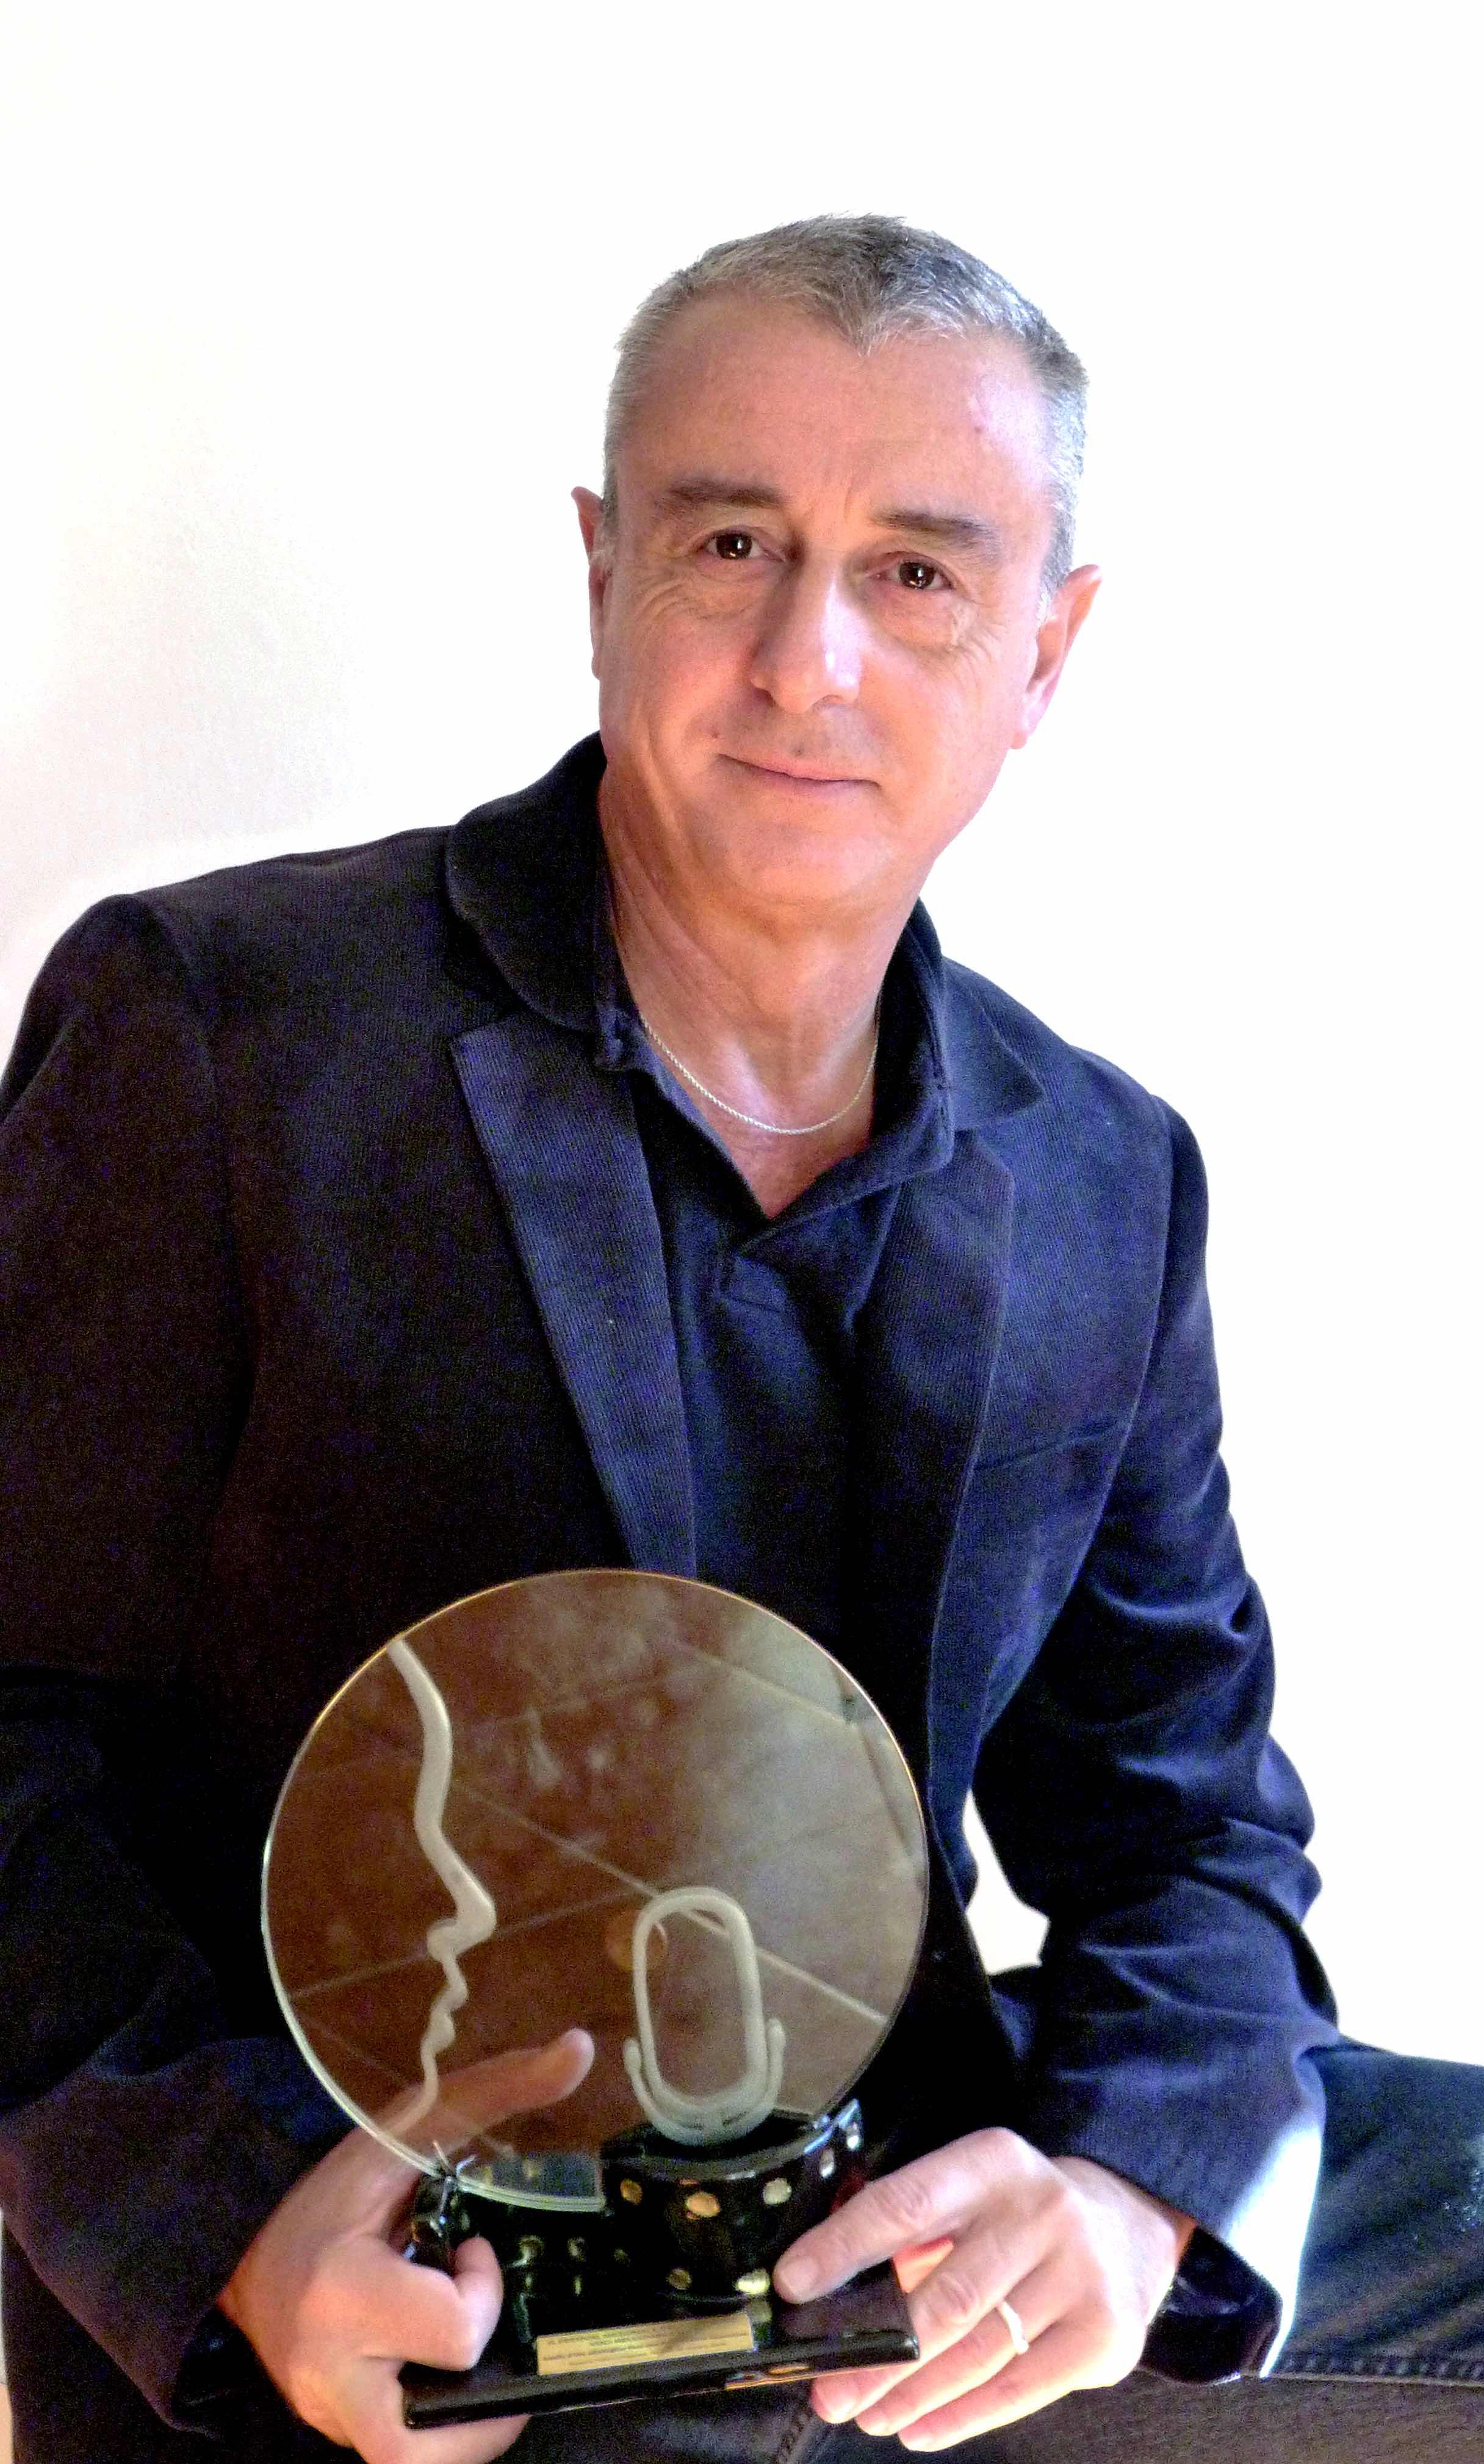 Tony Sansone